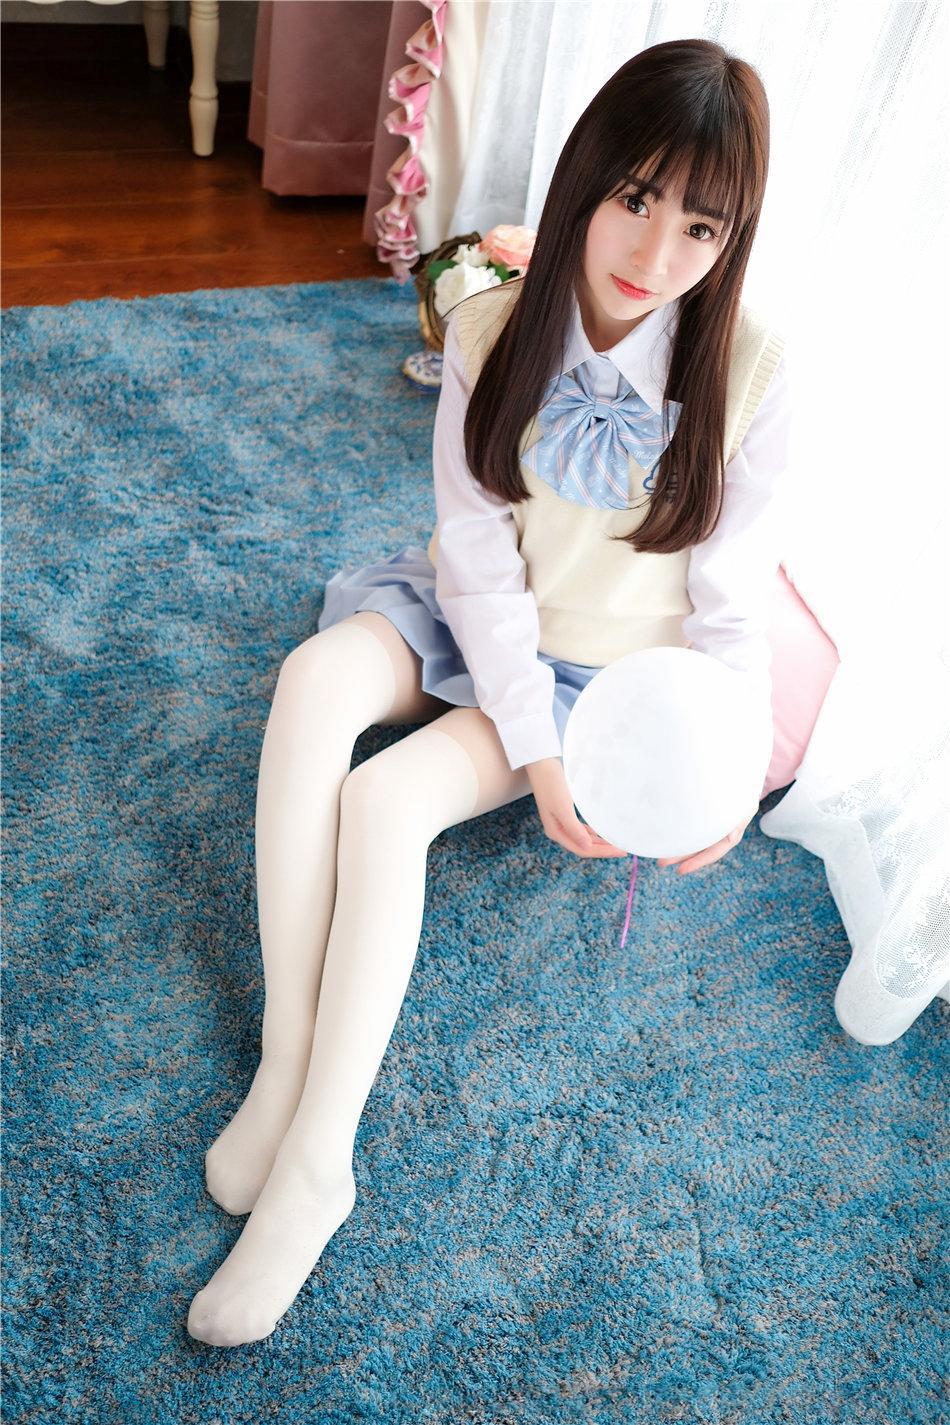 清纯美女丸子mayuki白丝美腿写真_图片新闻_东方头条